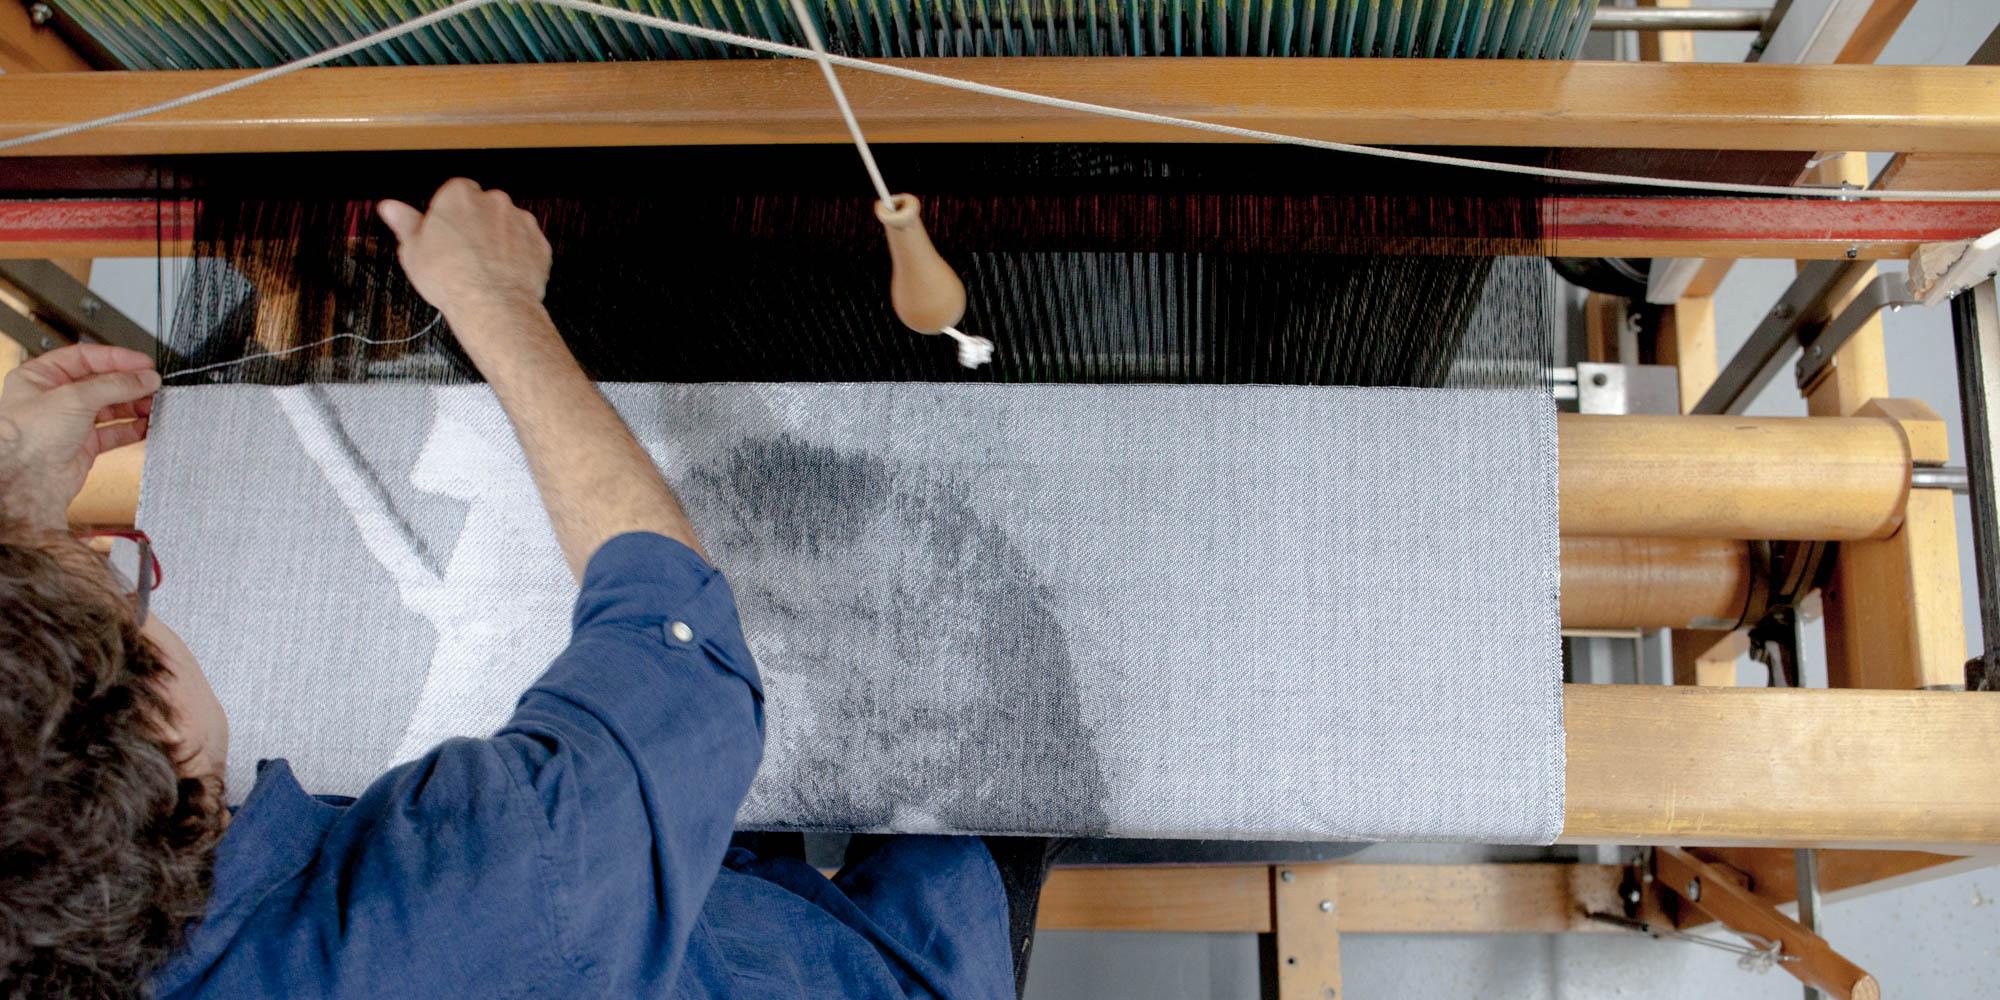 ....Réalisation d'une commande de tissage par Adrien Landry. .. Adrien Landry weaving an artist's design.....